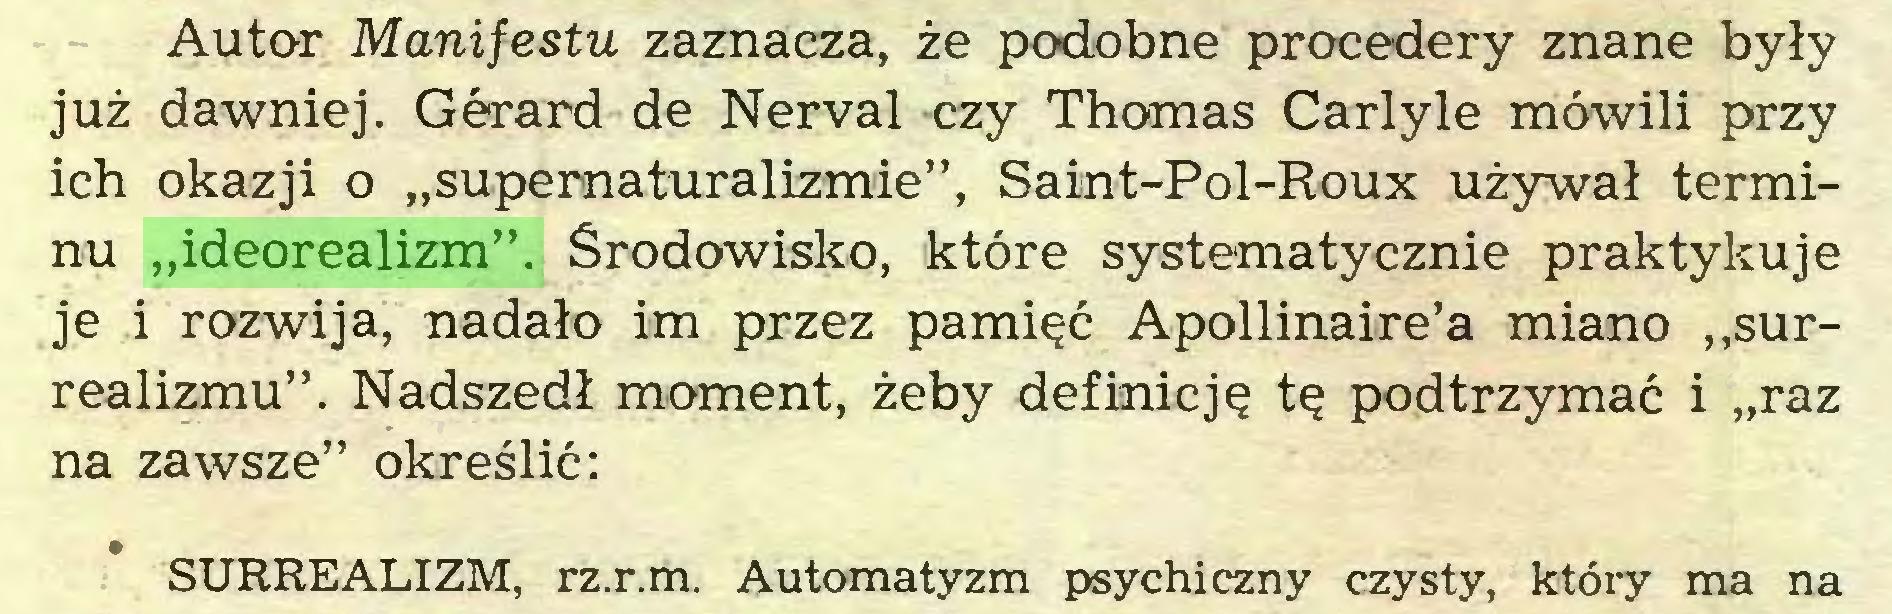 """(...) Autor Manifestu zaznacza, że podobne procedery znane były już dawniej. Gérard de Nerval czy Thomas Carlyle mówili przy ich okazji o """"supernaturalizmie"""", Saint-Pol-Roux używał terminu """"ideorealizm"""". Środowisko, które systematycznie praktykuje je i rozwija, nadało im przez pamięć Apollinaire'a miano """"surrealizmu"""". Nadszedł moment, żeby definicję tę podtrzymać i """"raz na zawsze"""" określić: SURREALIZM, rz.r.m. Automatyzm psychiczny czysty, który ma na..."""